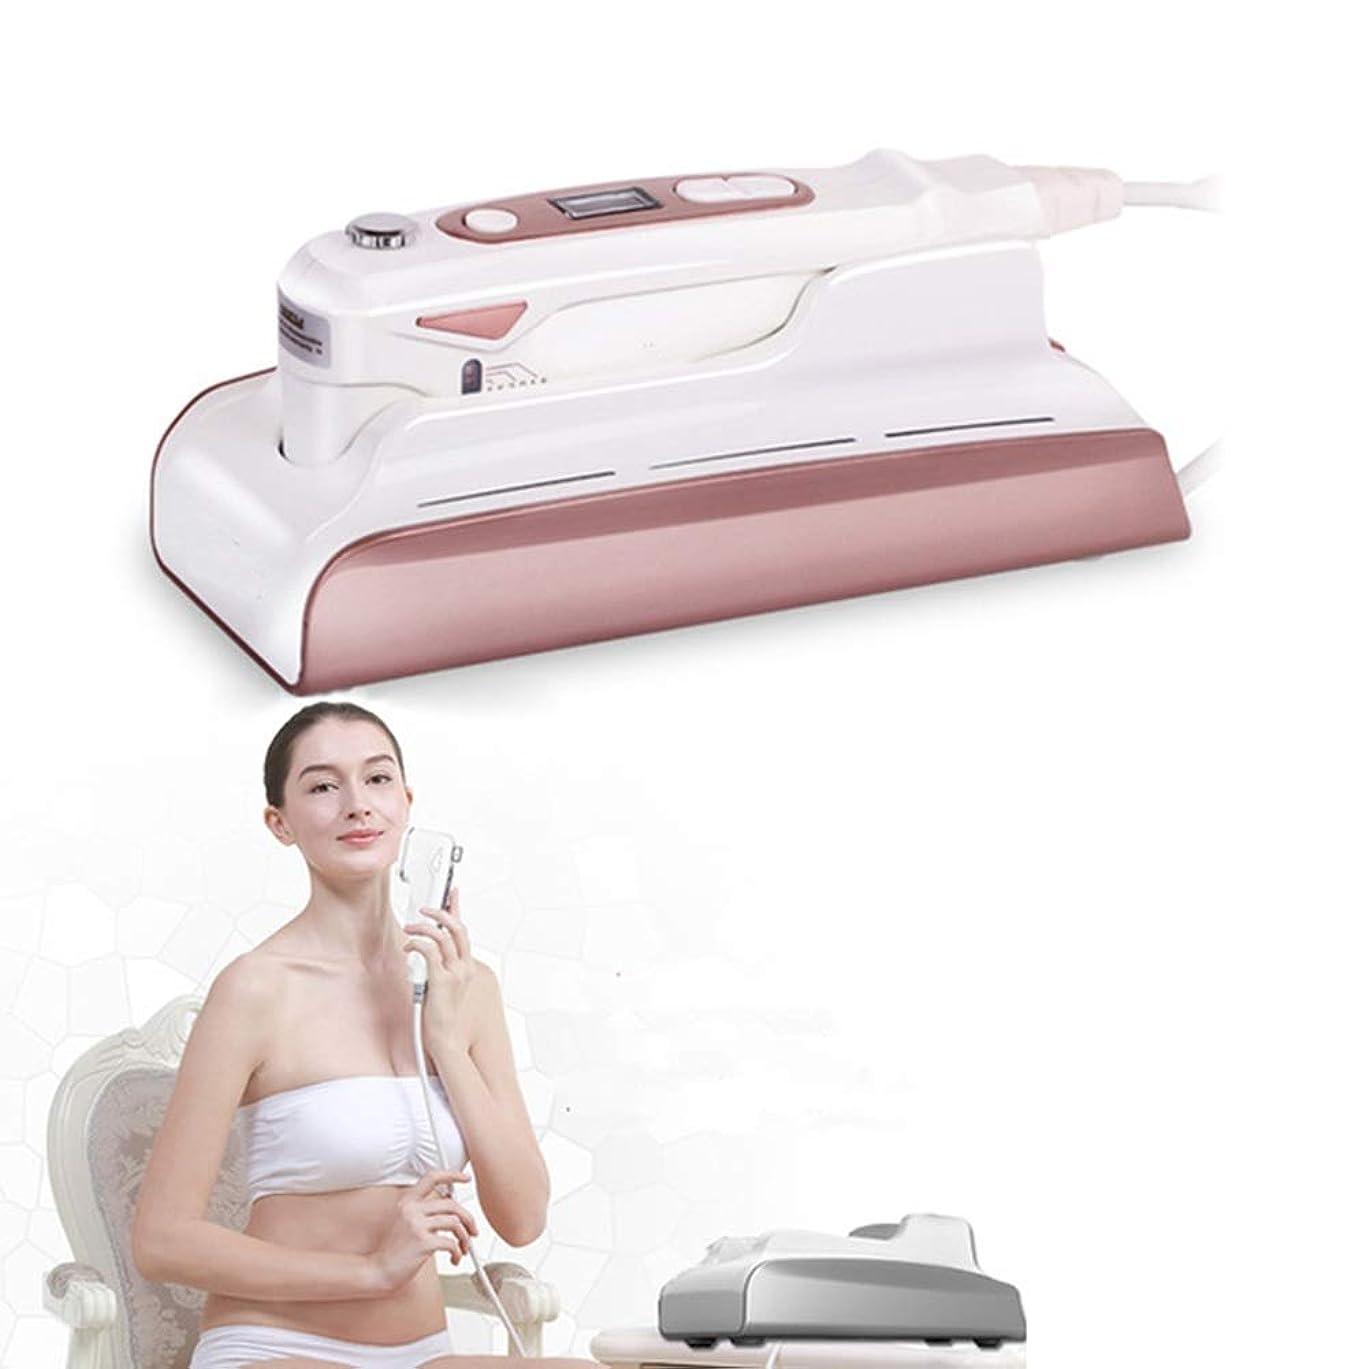 スプーン感謝スポット反老化の表面持ち上がることのための顔機械EMSスキンケア装置はしわの取り外しをきつく締めます